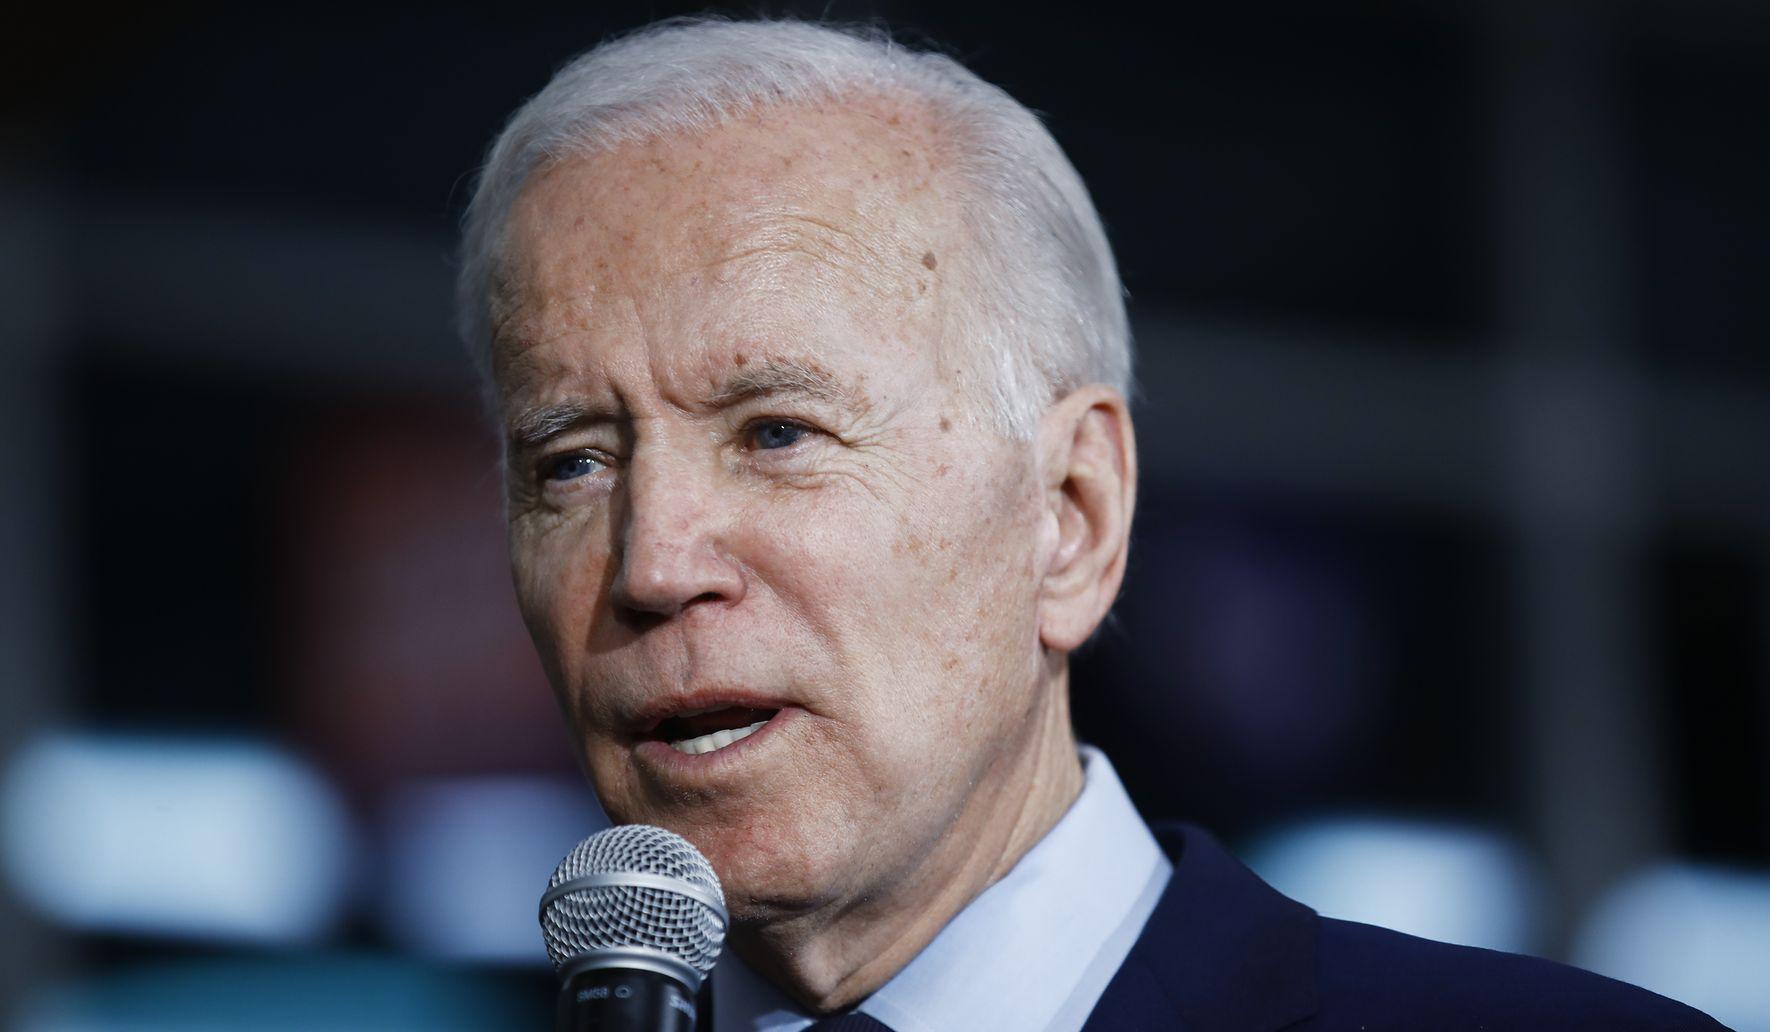 Joe Biden shines spotlight on left's insane love for illegals